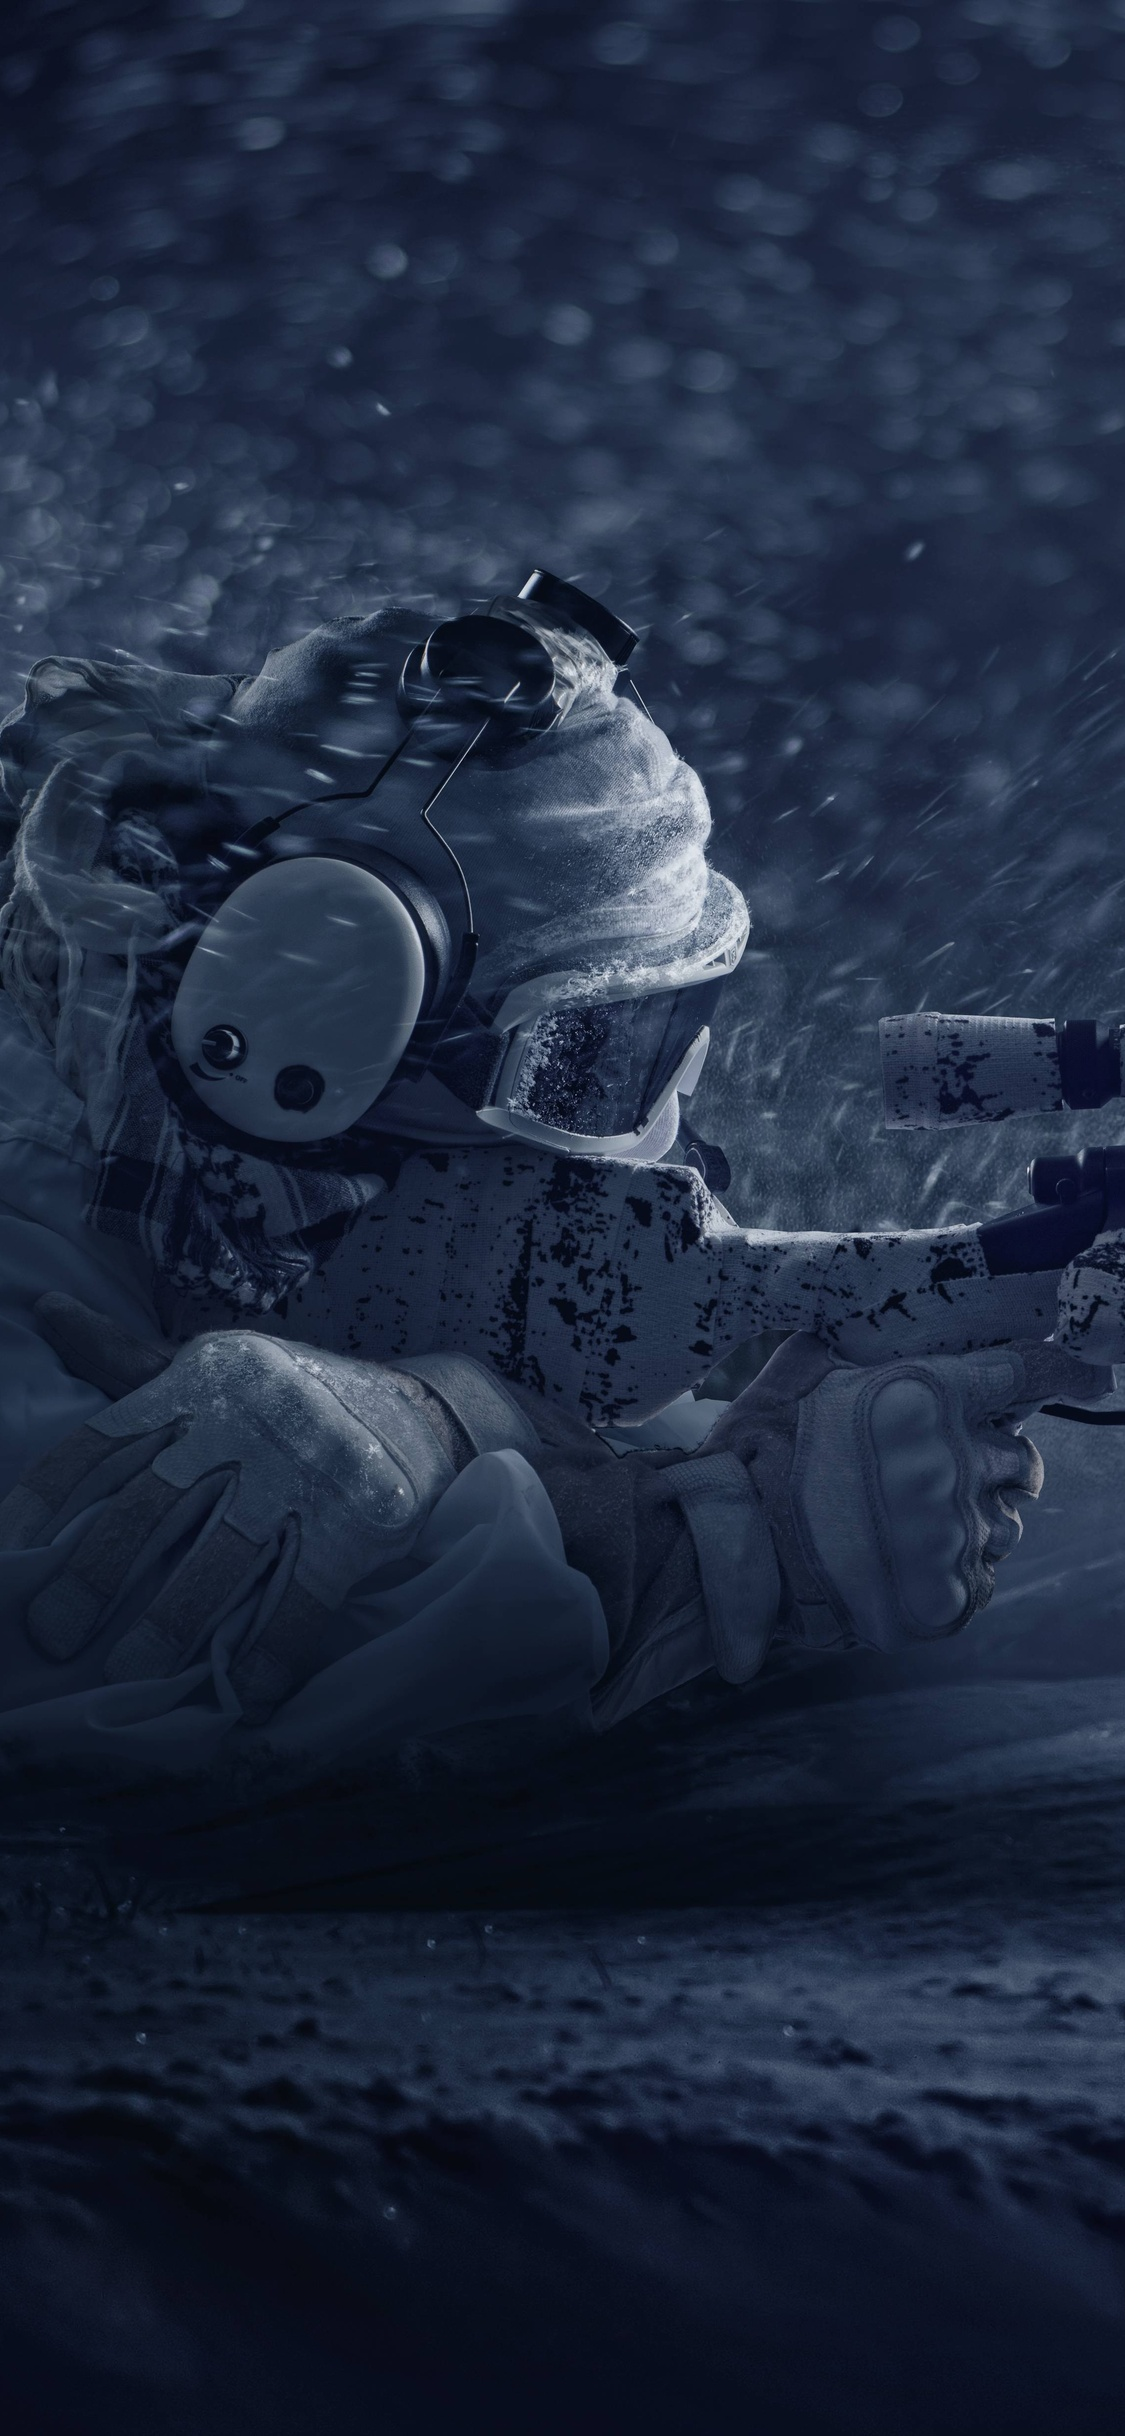 1125x2436 Tom Clancys Rainbow Six Siege Black Ice 8k Iphone Xs